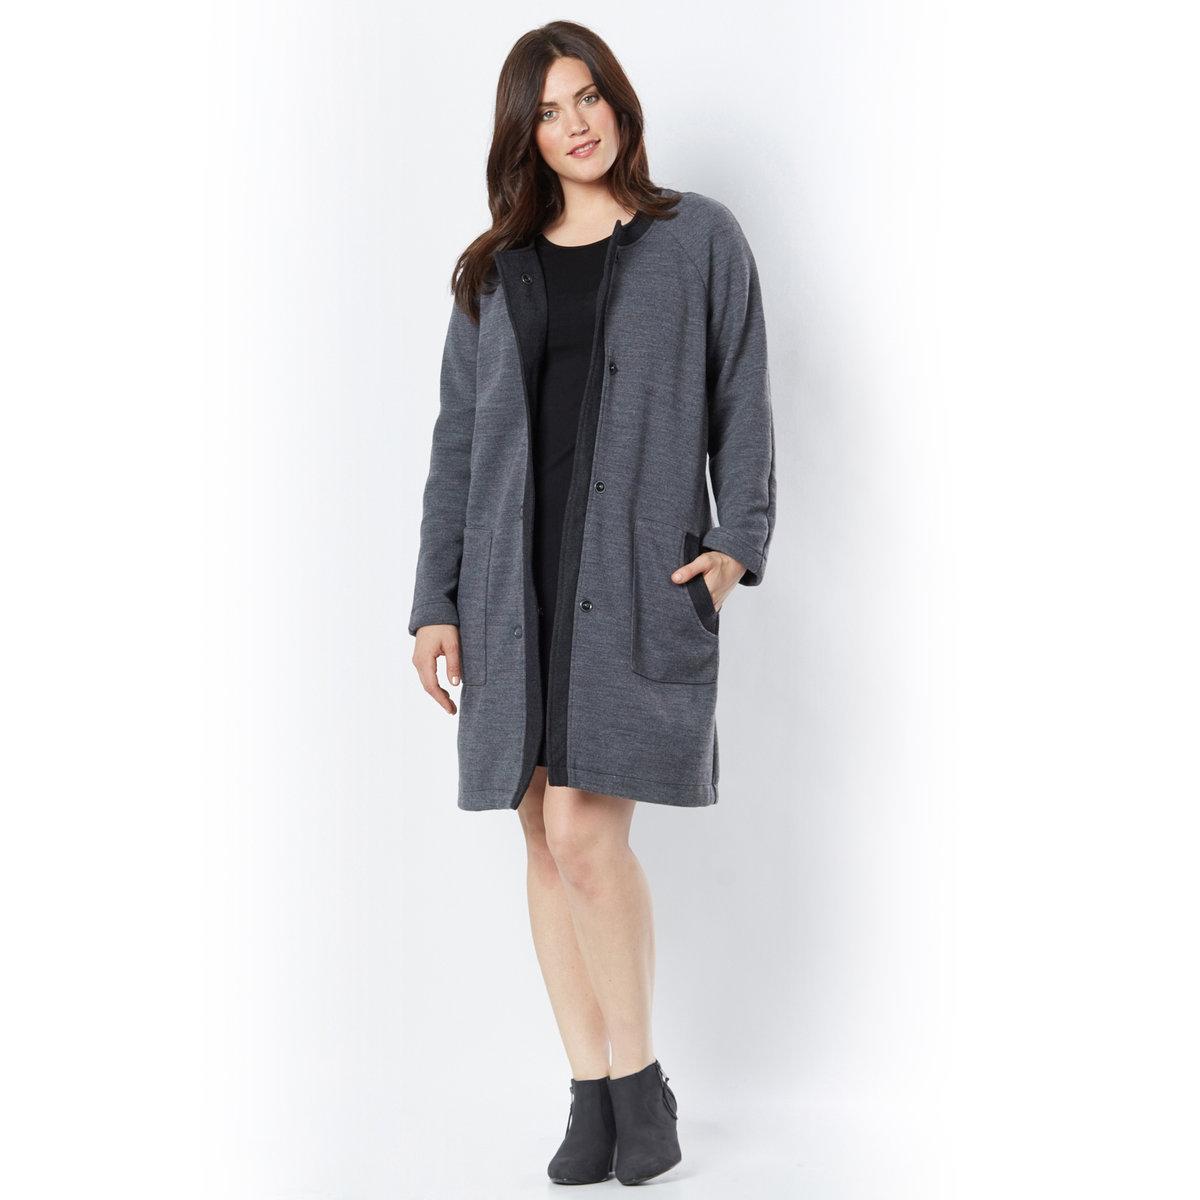 Жакет длинныйМожно носить как теплый жакет поверх платья или как легкое пальто в межсезонье. Круглый вырез. 2 кармана. Отделка кантом из шерстяного драпа цвета серый меланж. Застежка на кнопки. Толстый двусторонний трикотаж, 100% акрила. Длина 95 см.<br><br>Цвет: антрацит<br>Размер: 50/52 (FR) - 56/58 (RUS)